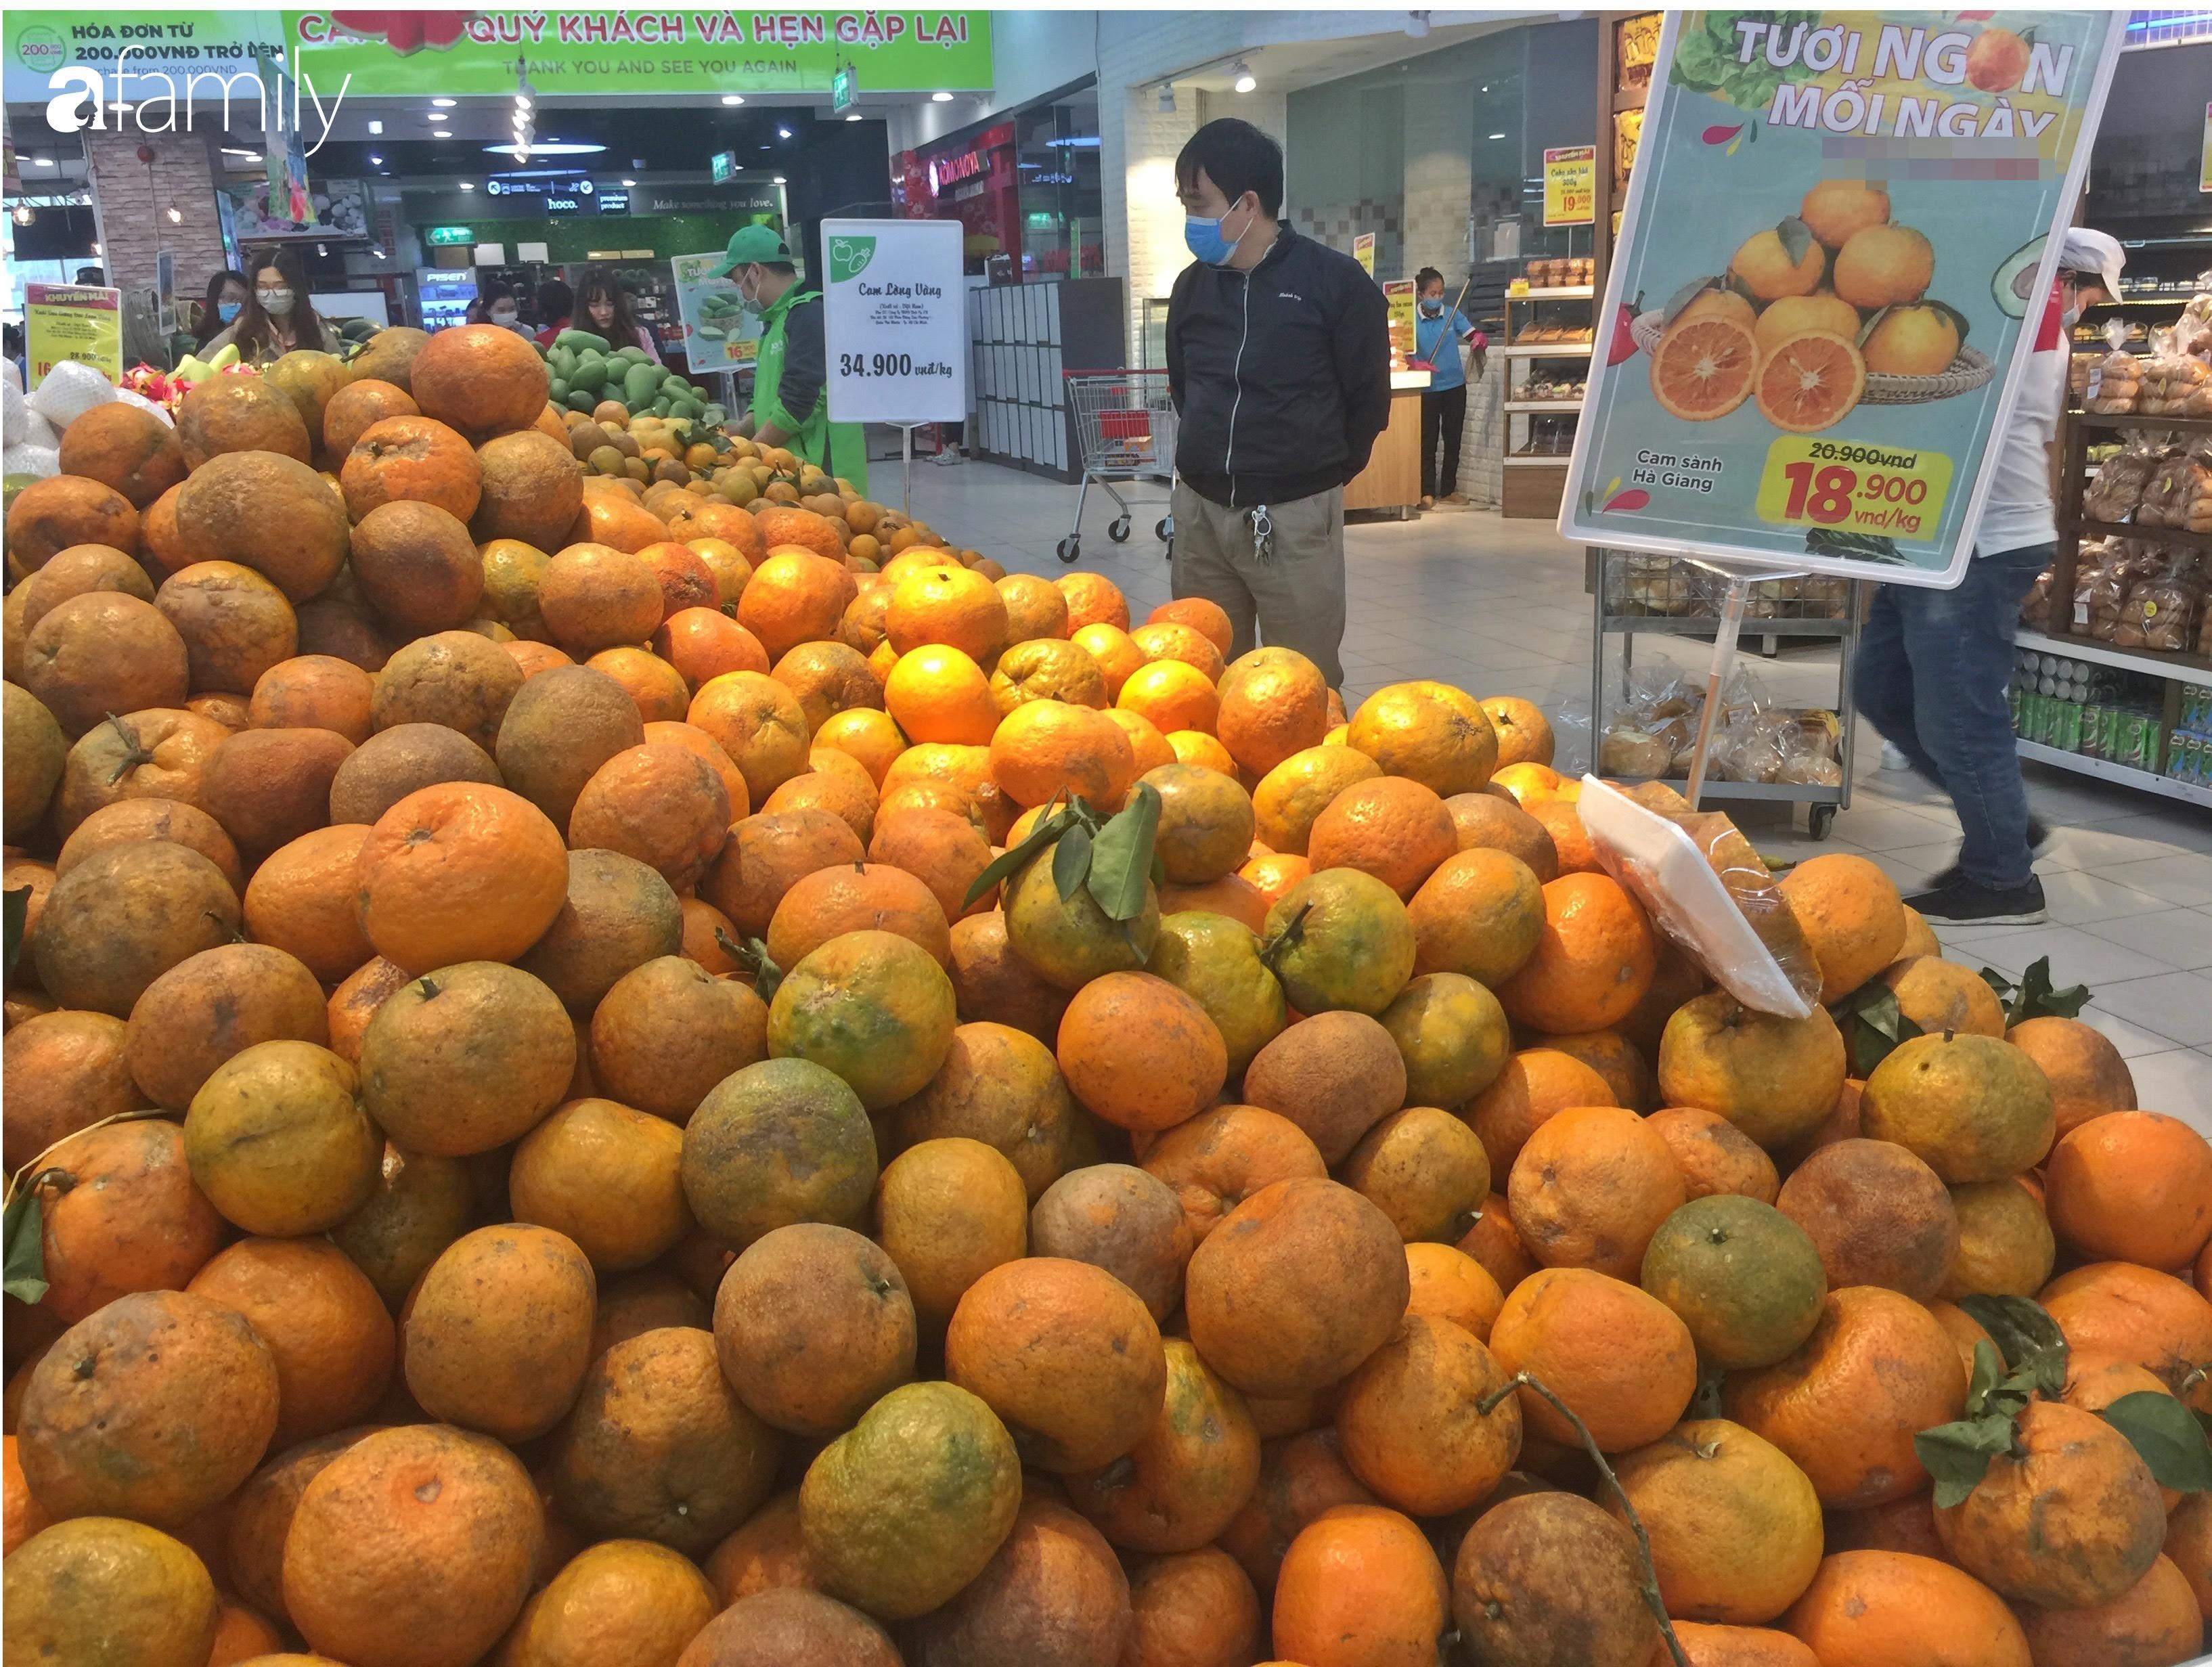 Giá ho quả trong siêu thị rẻ gấp 3 lần so với thời điểm trước Tết, dư hấu còn 6.700 đồng/kg - Ảnh 5.